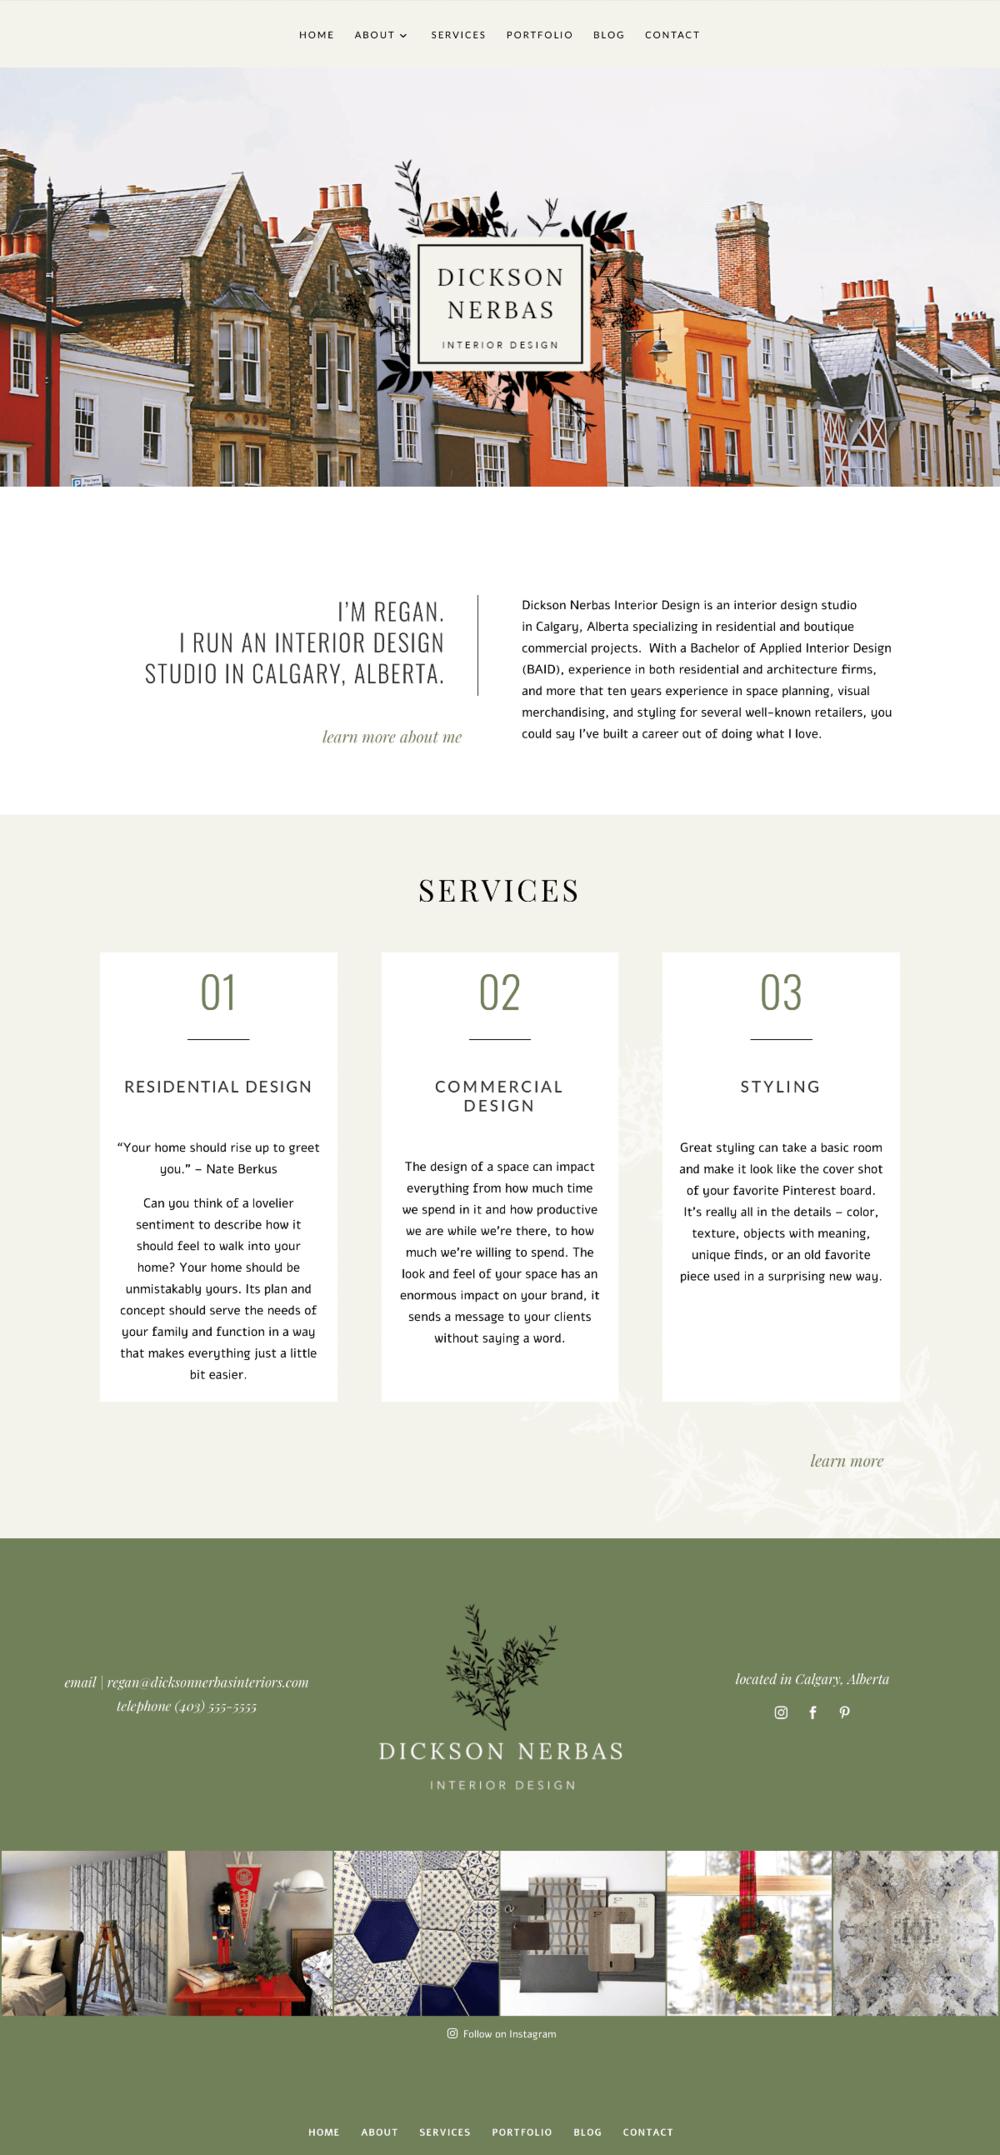 okotoks-interior-designer-website-home.png